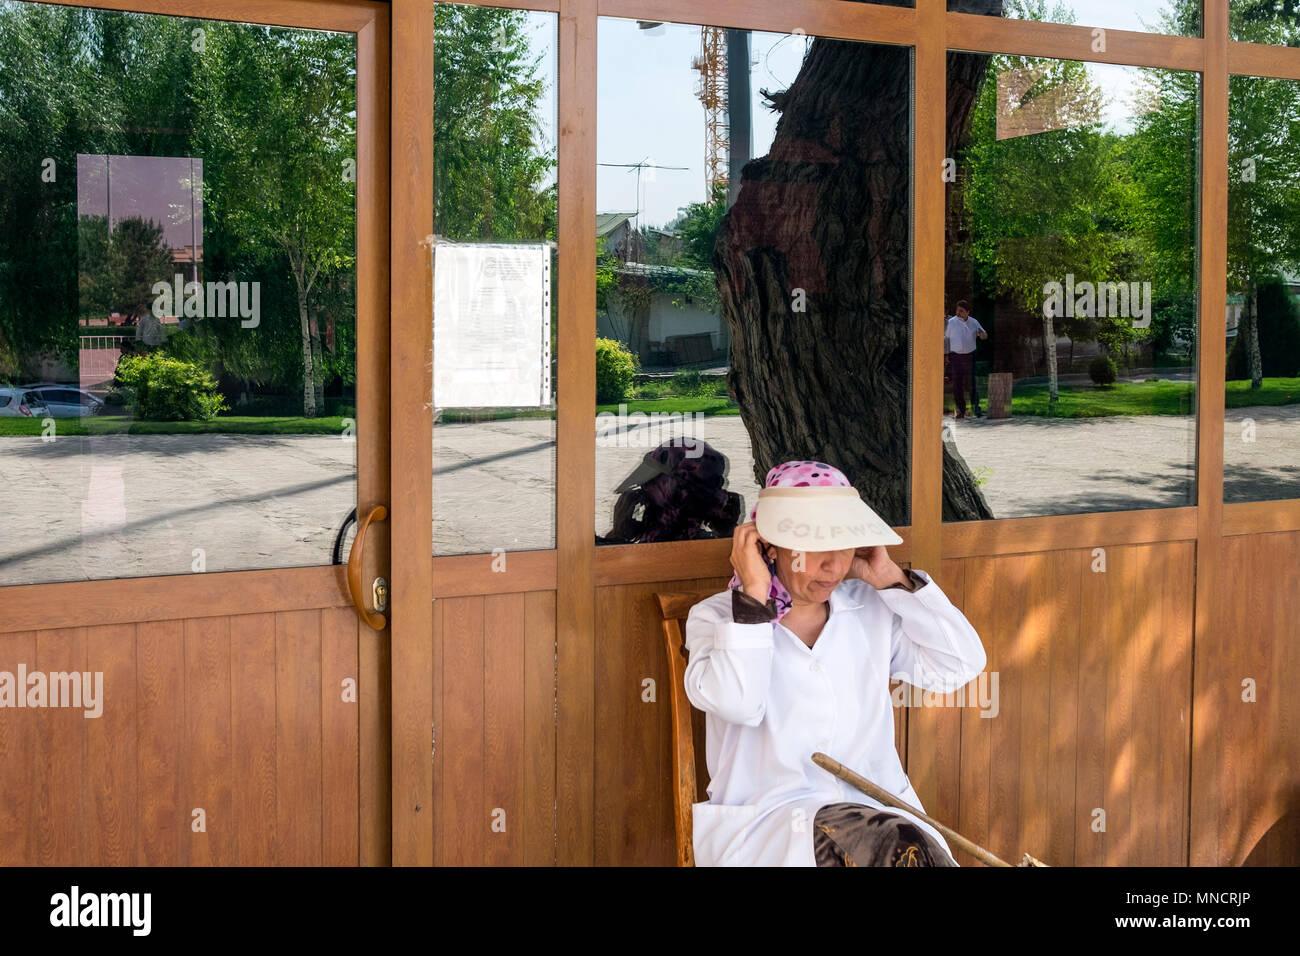 Uzbekistan, Tashkent, daily life - Stock Image